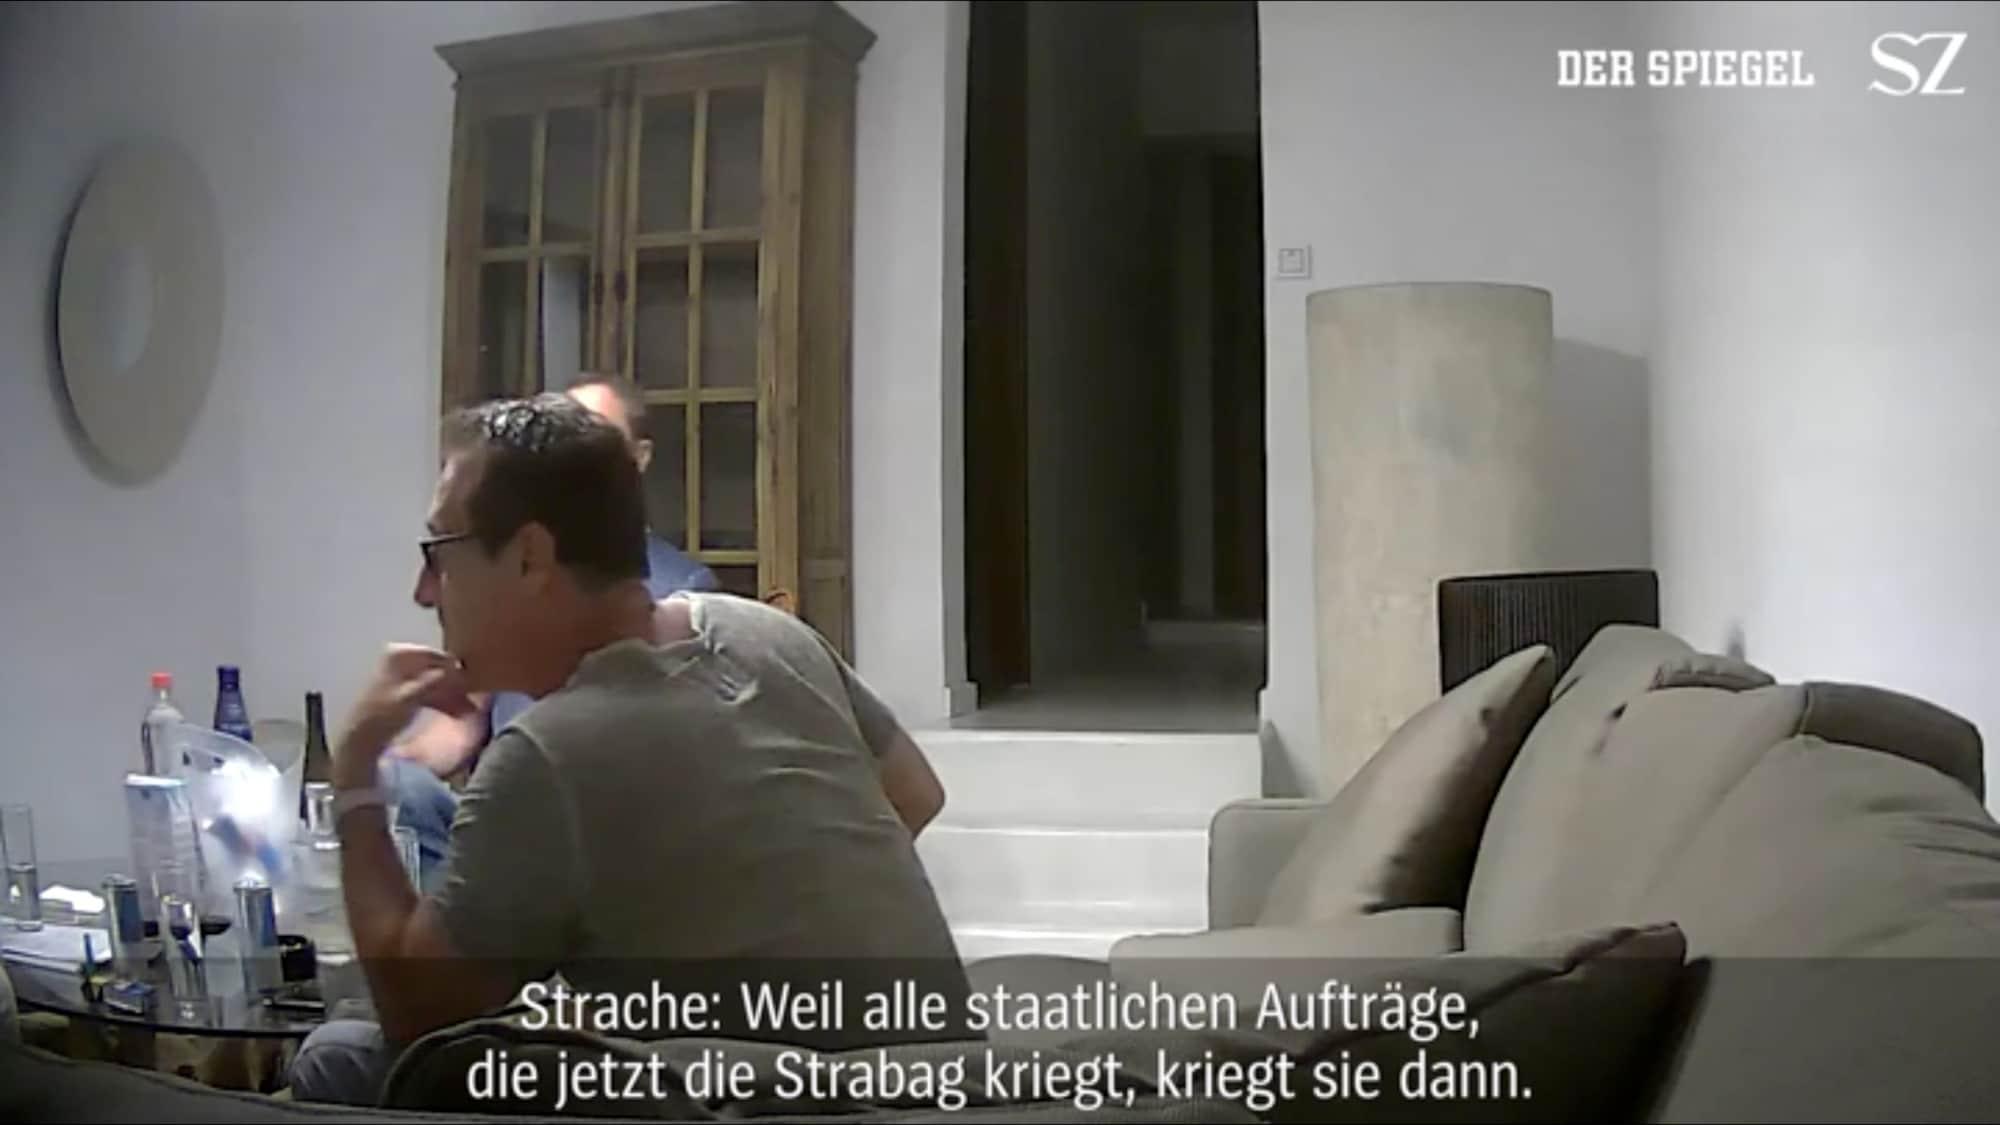 Regierungskrise in Österreich – neue Spur führt nach Wien: Steckt ein Anwalt hinter dem Ibiza-Video?